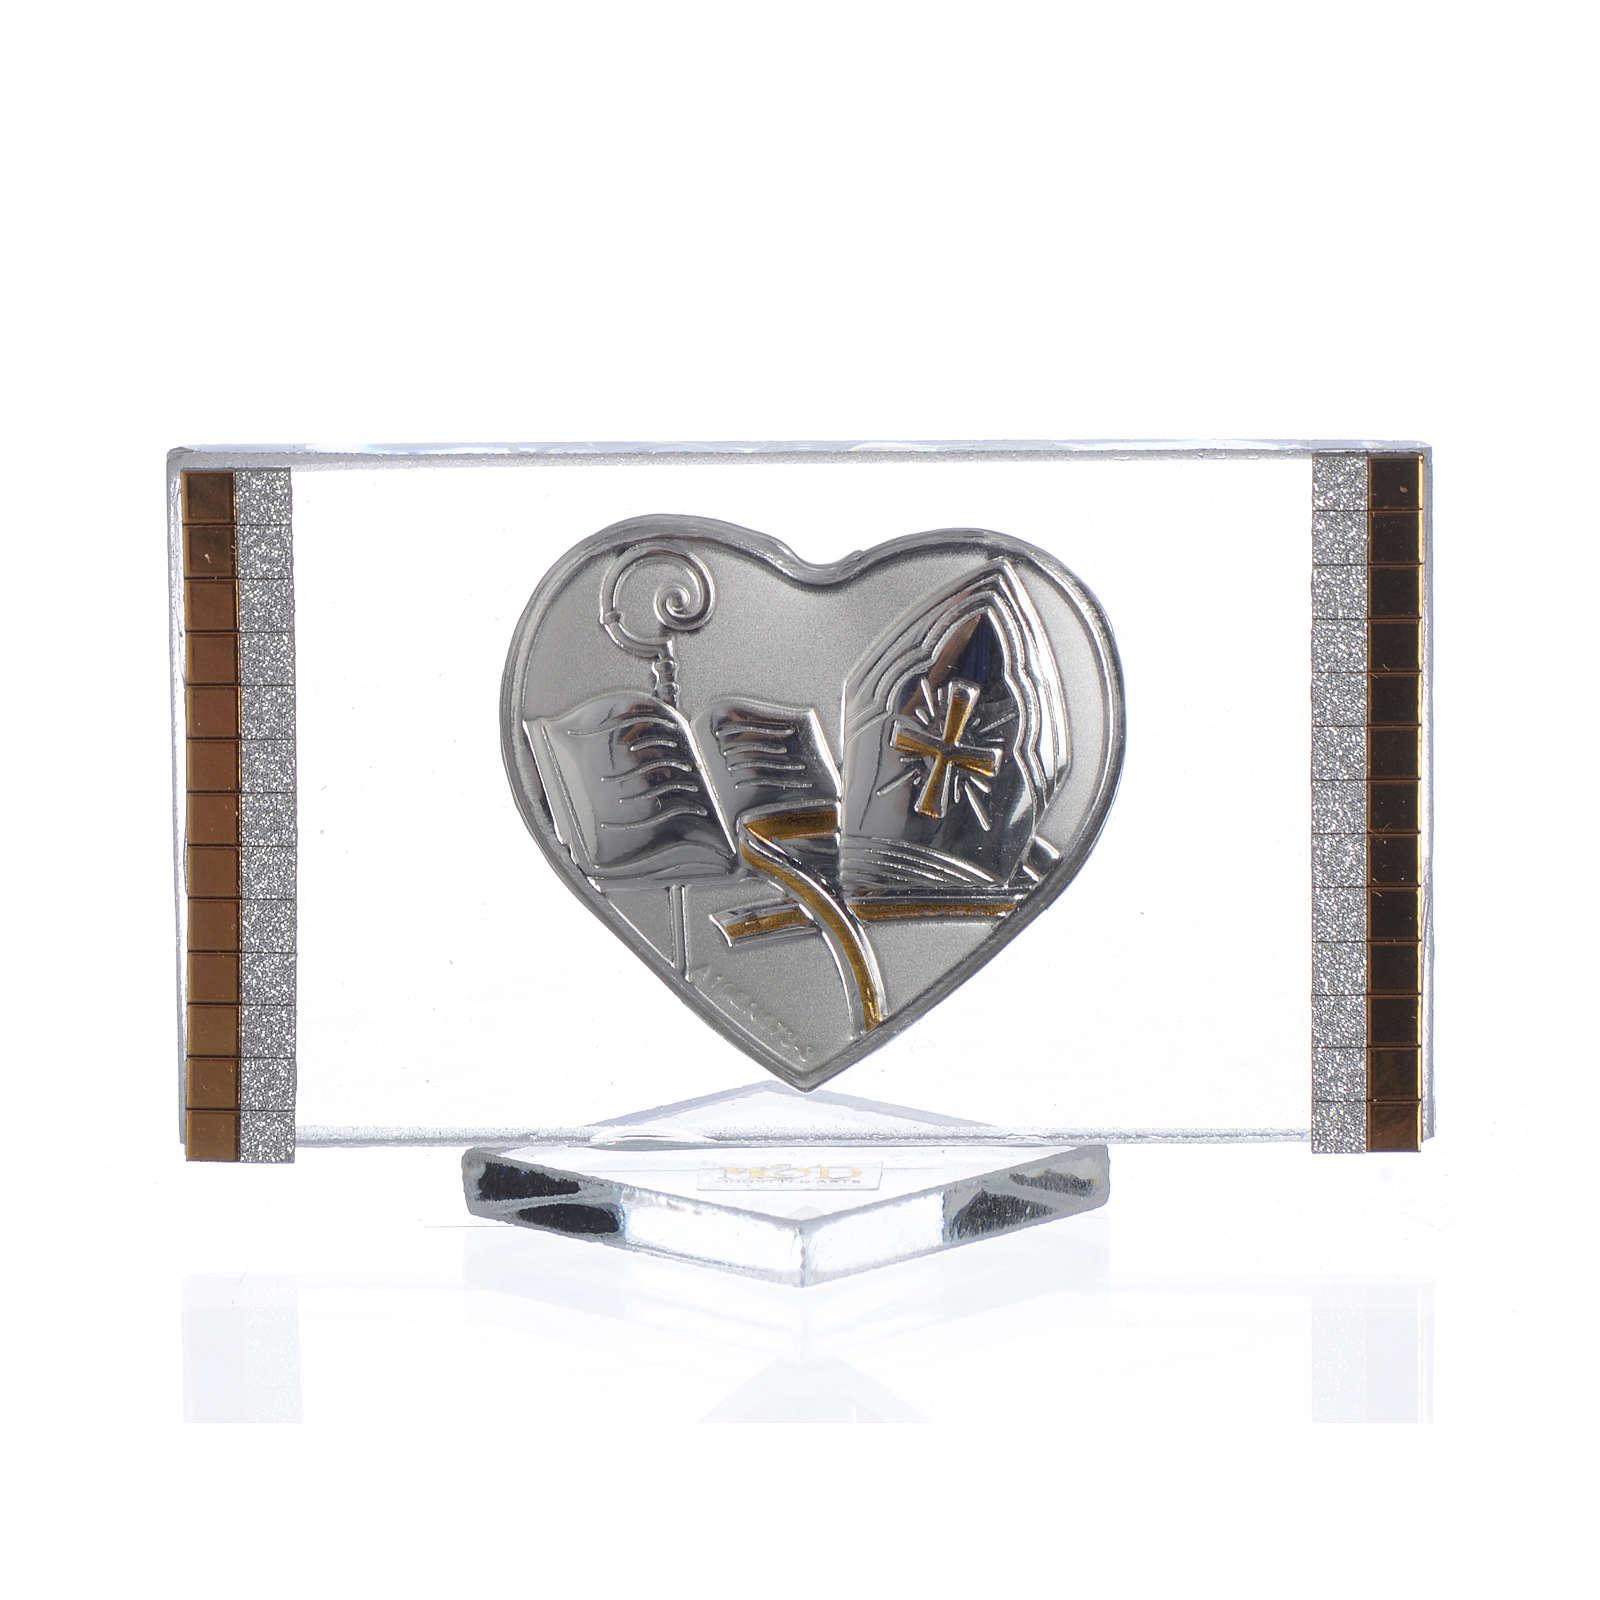 Lembrancinha crisma quadro com coração 4,5x7 cm 3